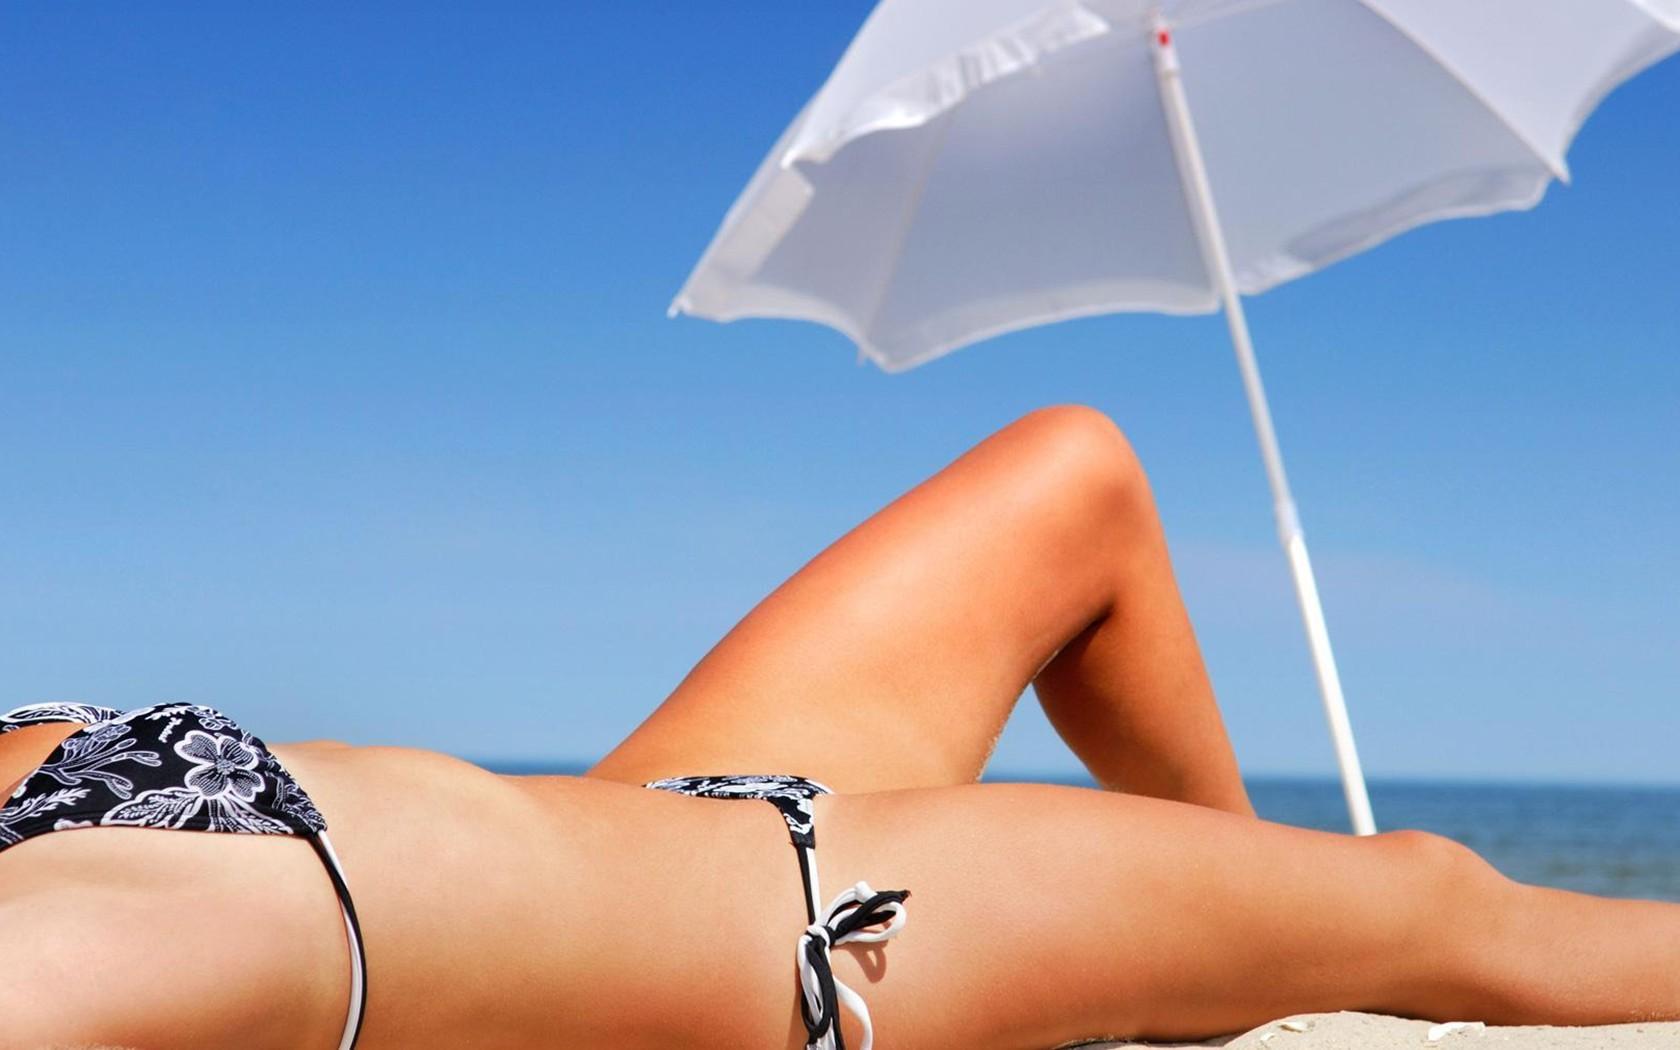 Bikini Girls 7